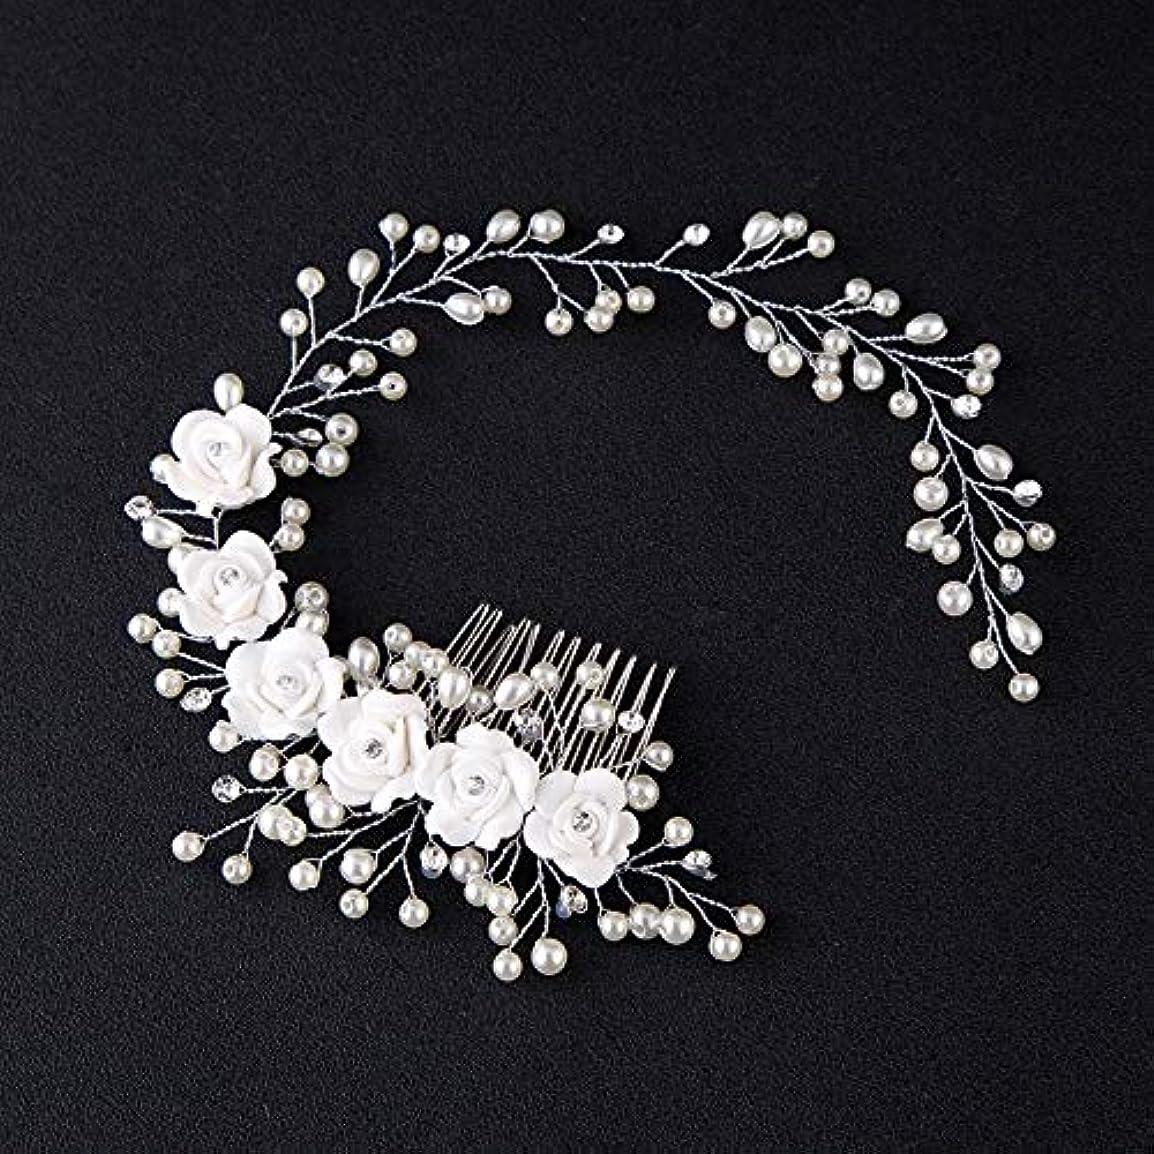 驚き借りているメイトフラワーヘアピンFlowerHairpin YHM女性の髪の櫛の花嫁の結婚式のヘアクリップ手作りの花のビーズの装飾レディースヘアアクセサリー